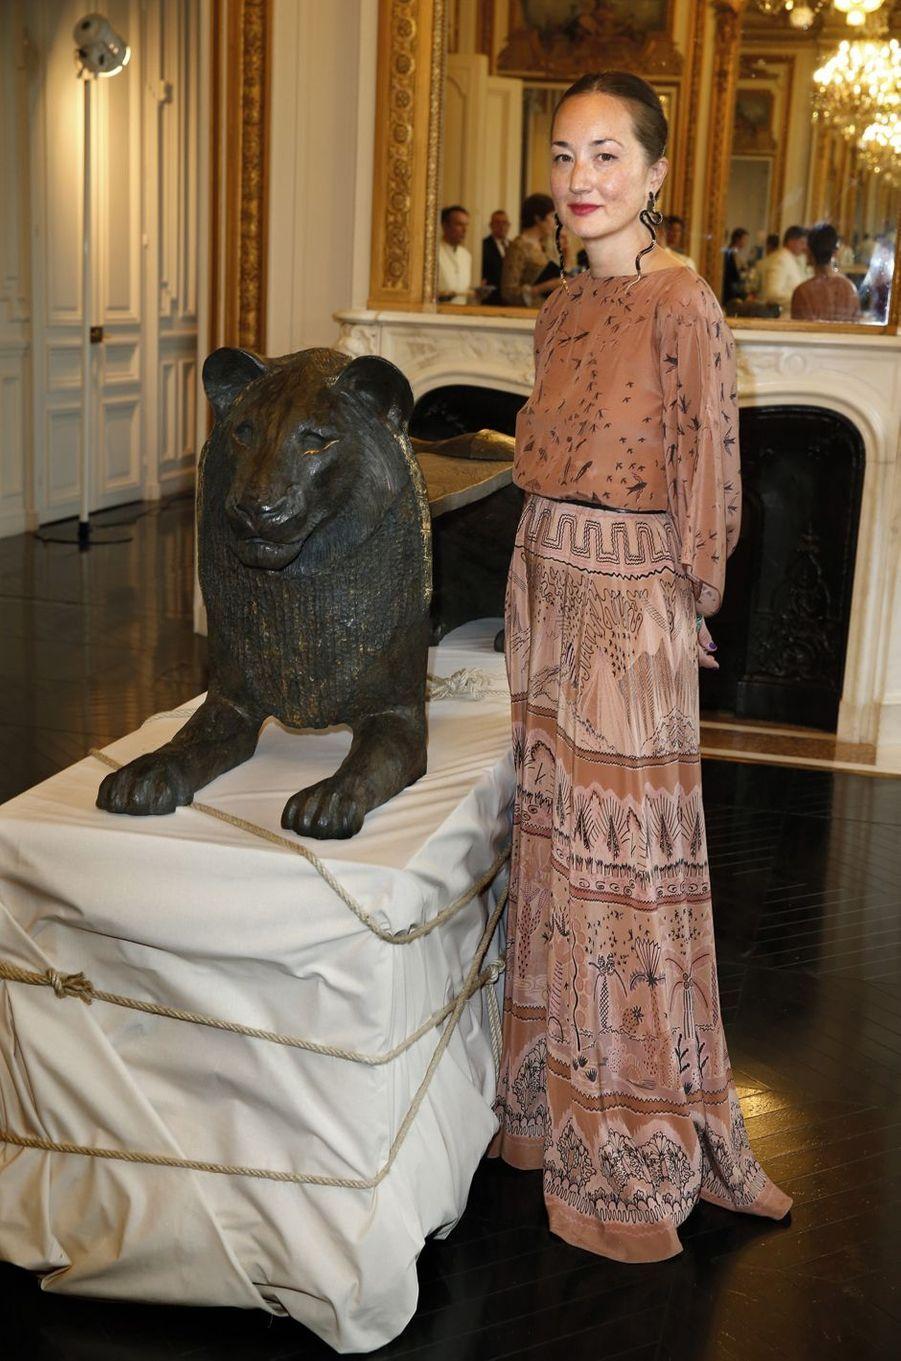 Harumi Klossowska de Rola devant l'une de ses sculptures.